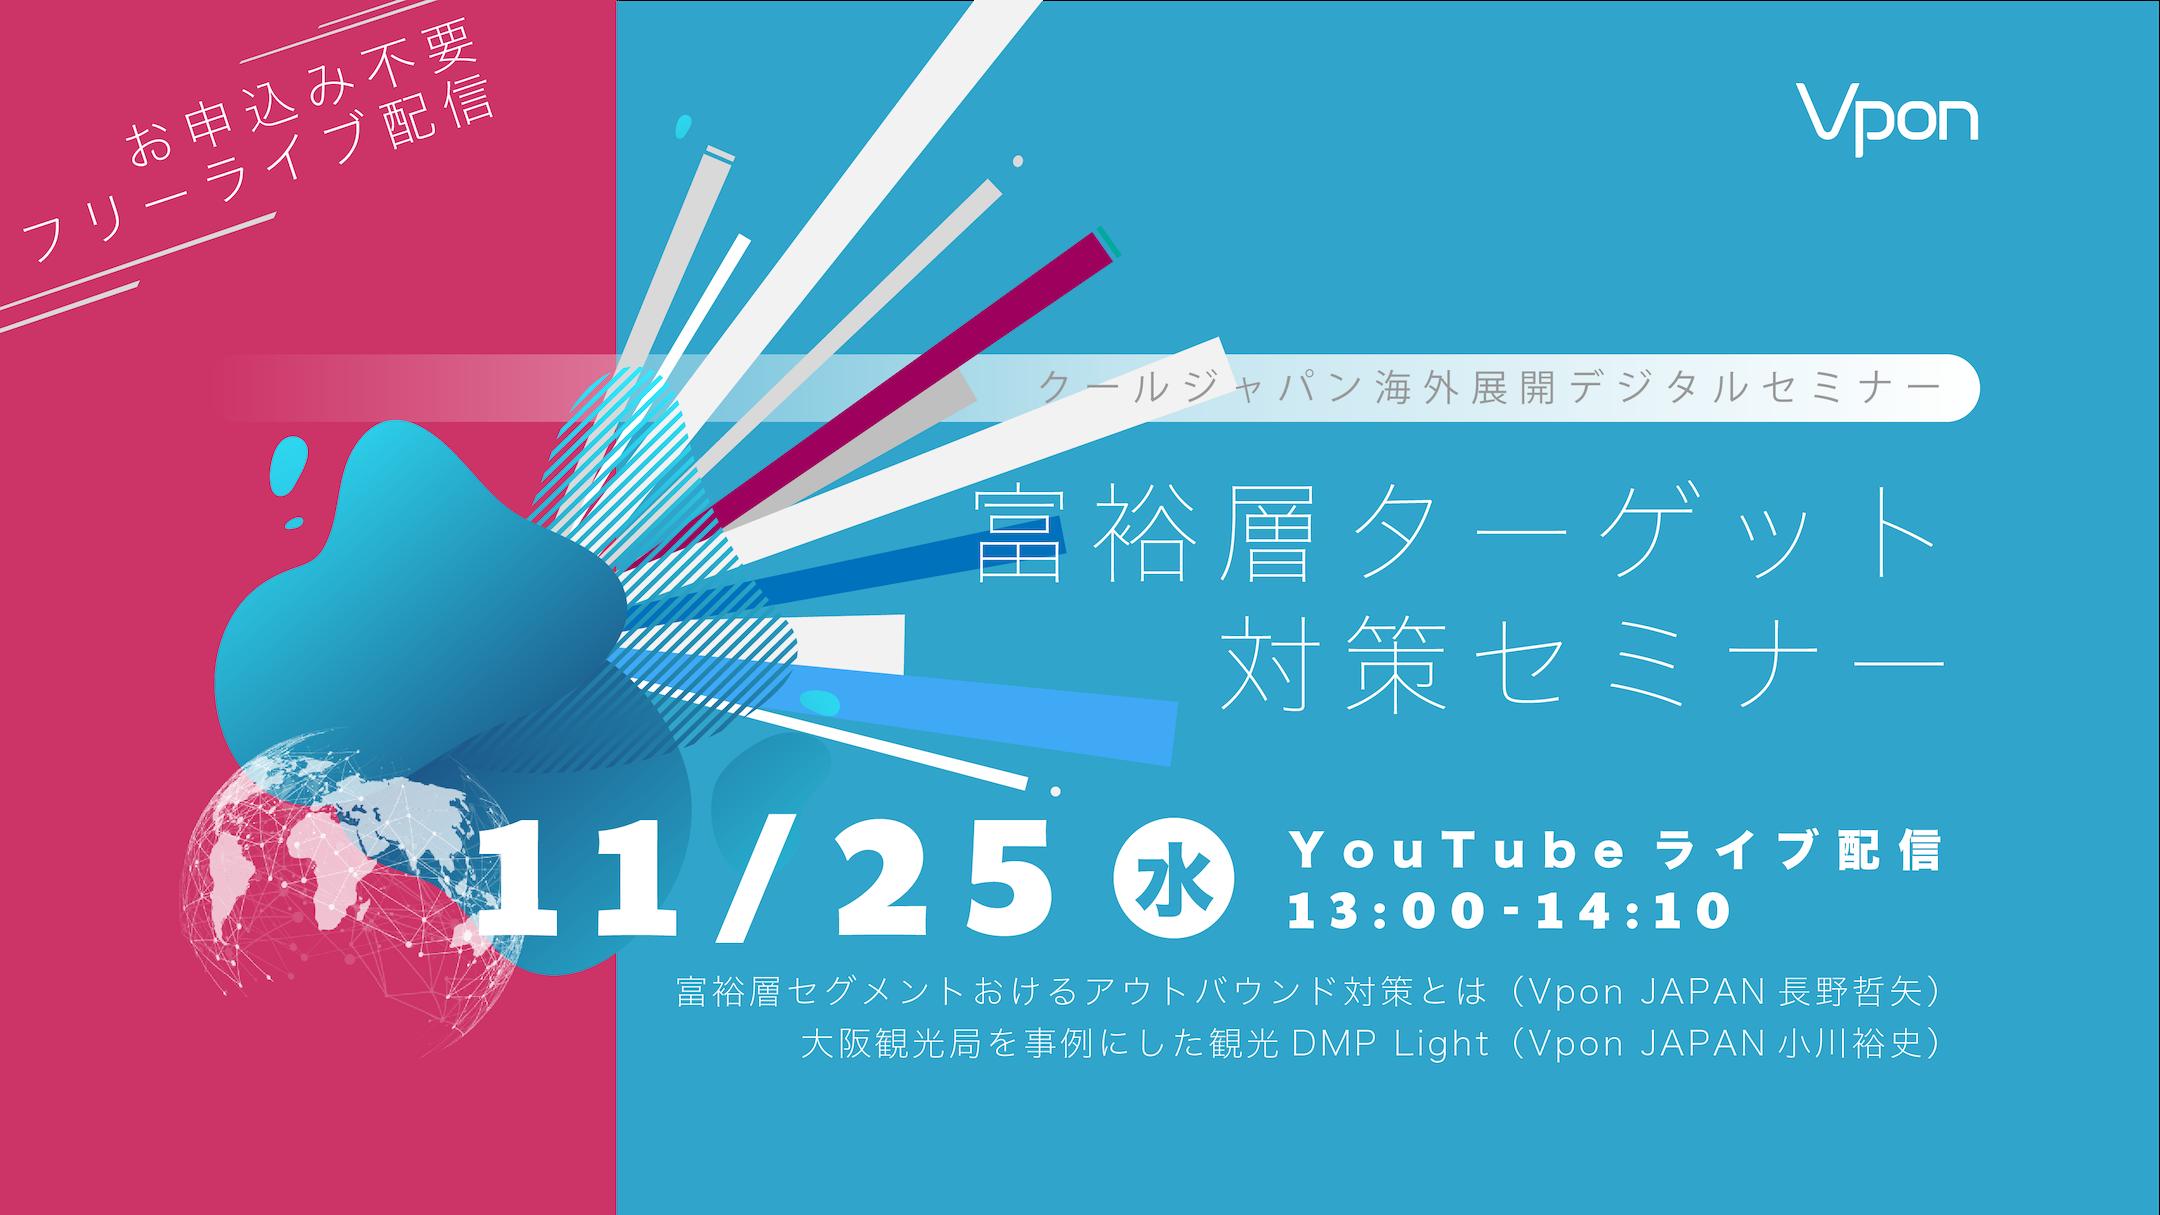 Vponクールジャパンセミナー